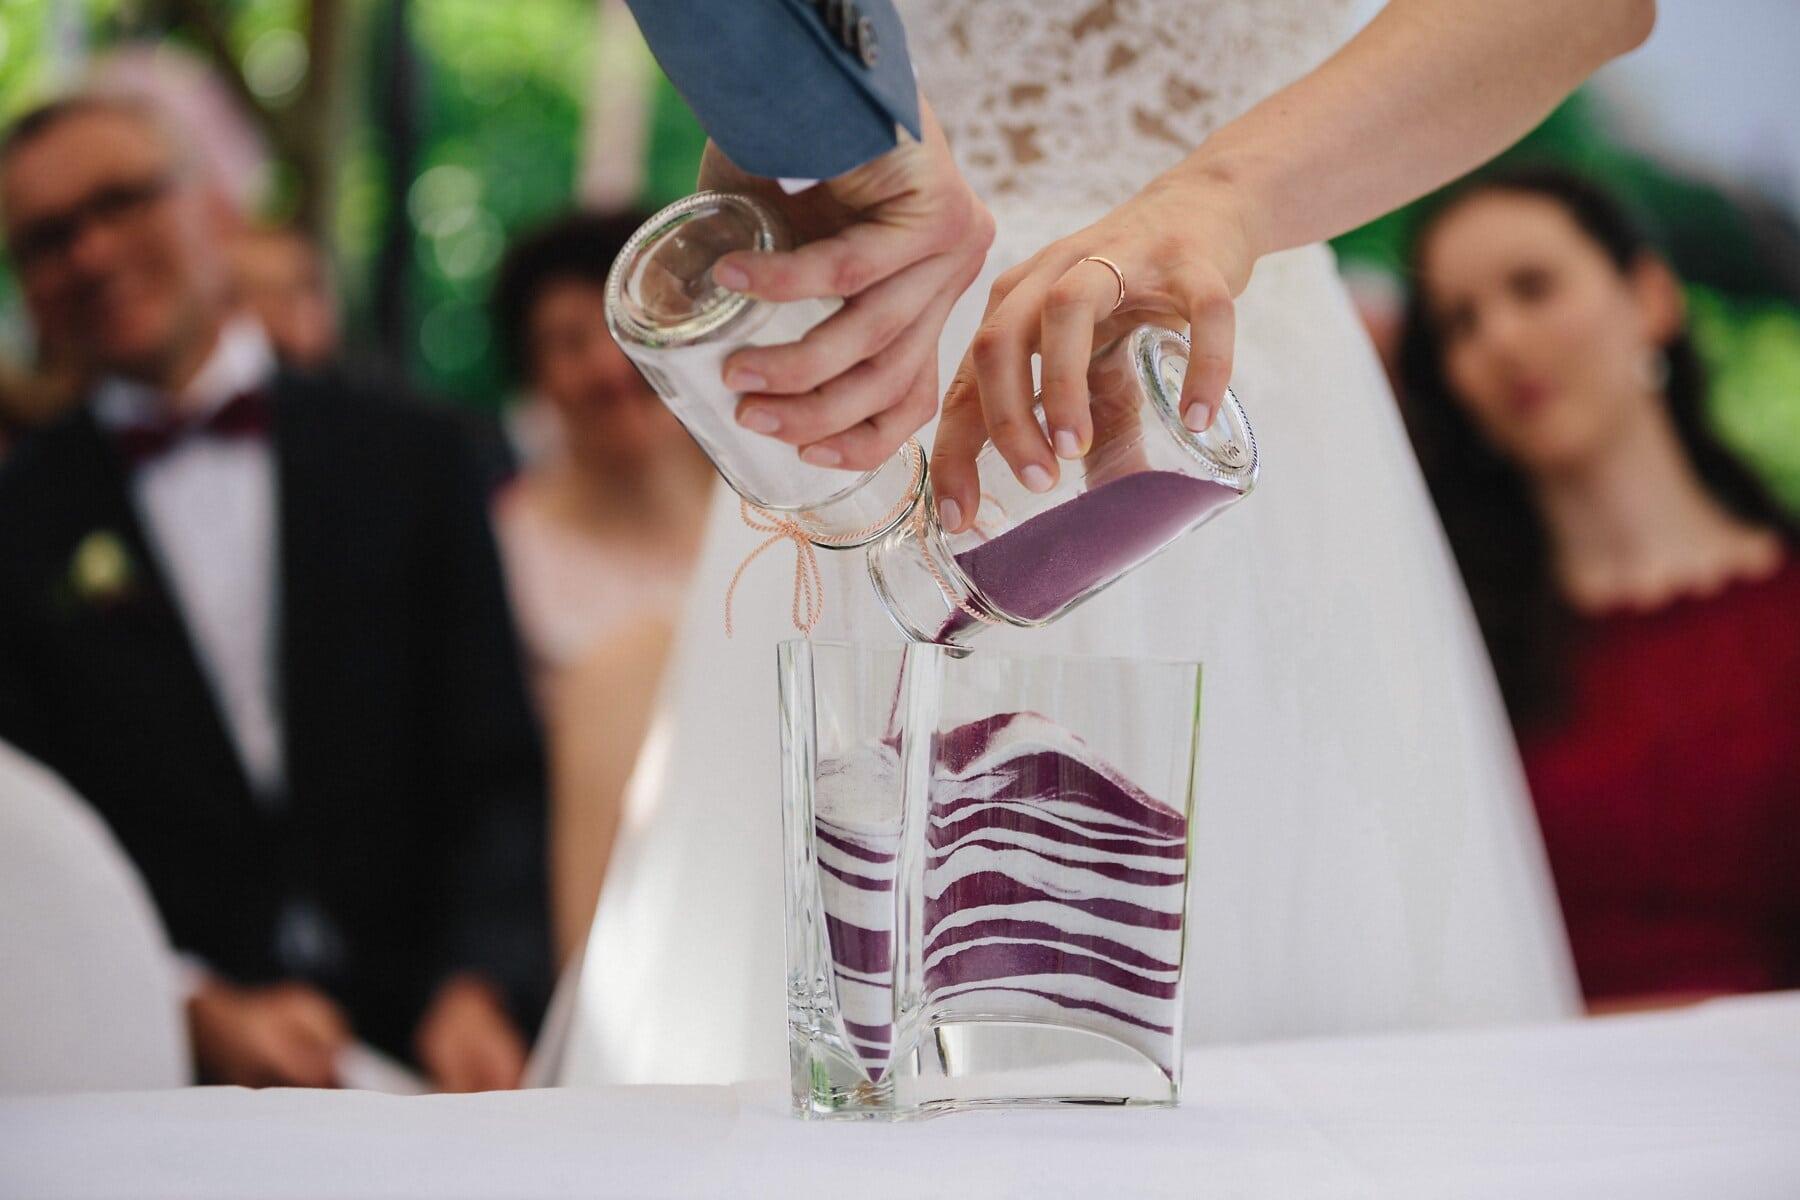 Glas, Flaschen, Farben, Sand, Zweisamkeit, Mann, Braut, Hochzeit, Bräutigam, Frau